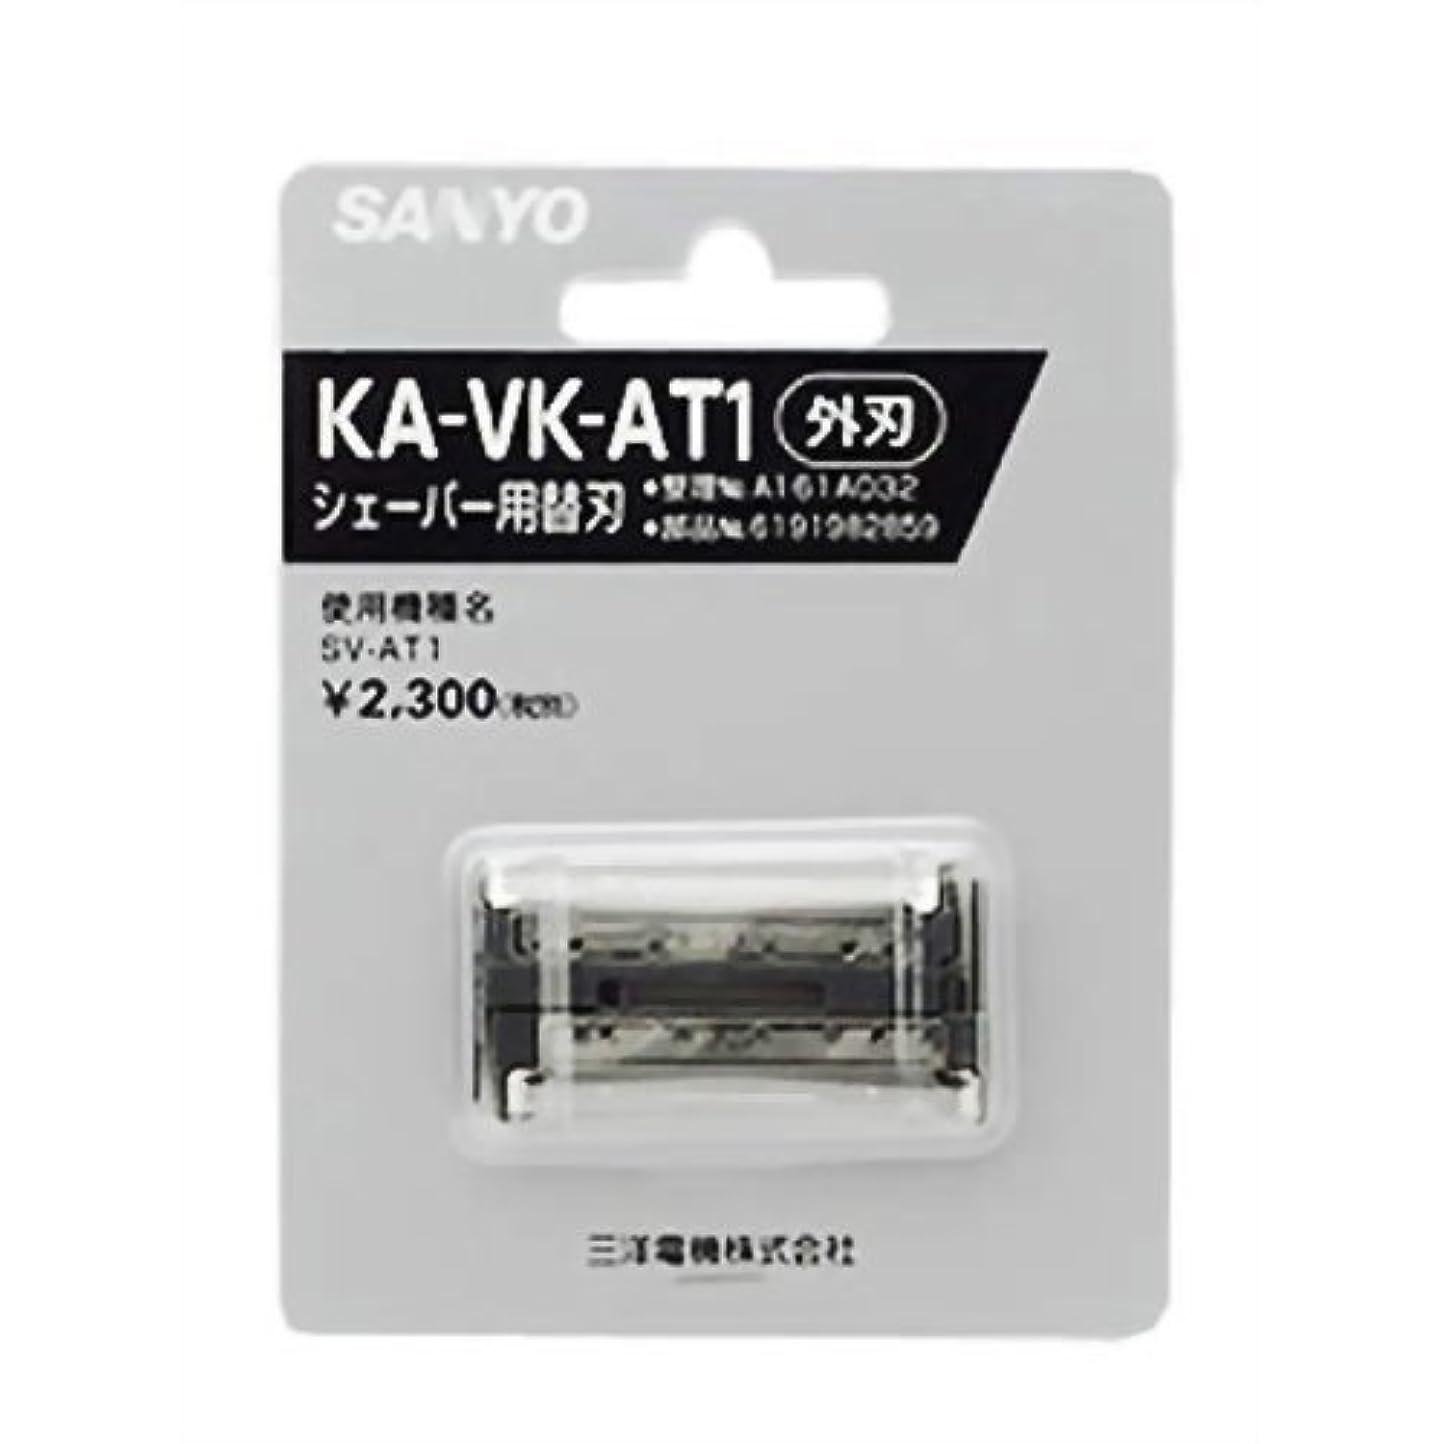 懺悔メトリックマントルSANYO メンズシェーバー替刃(外刃) KA-VK-AT1